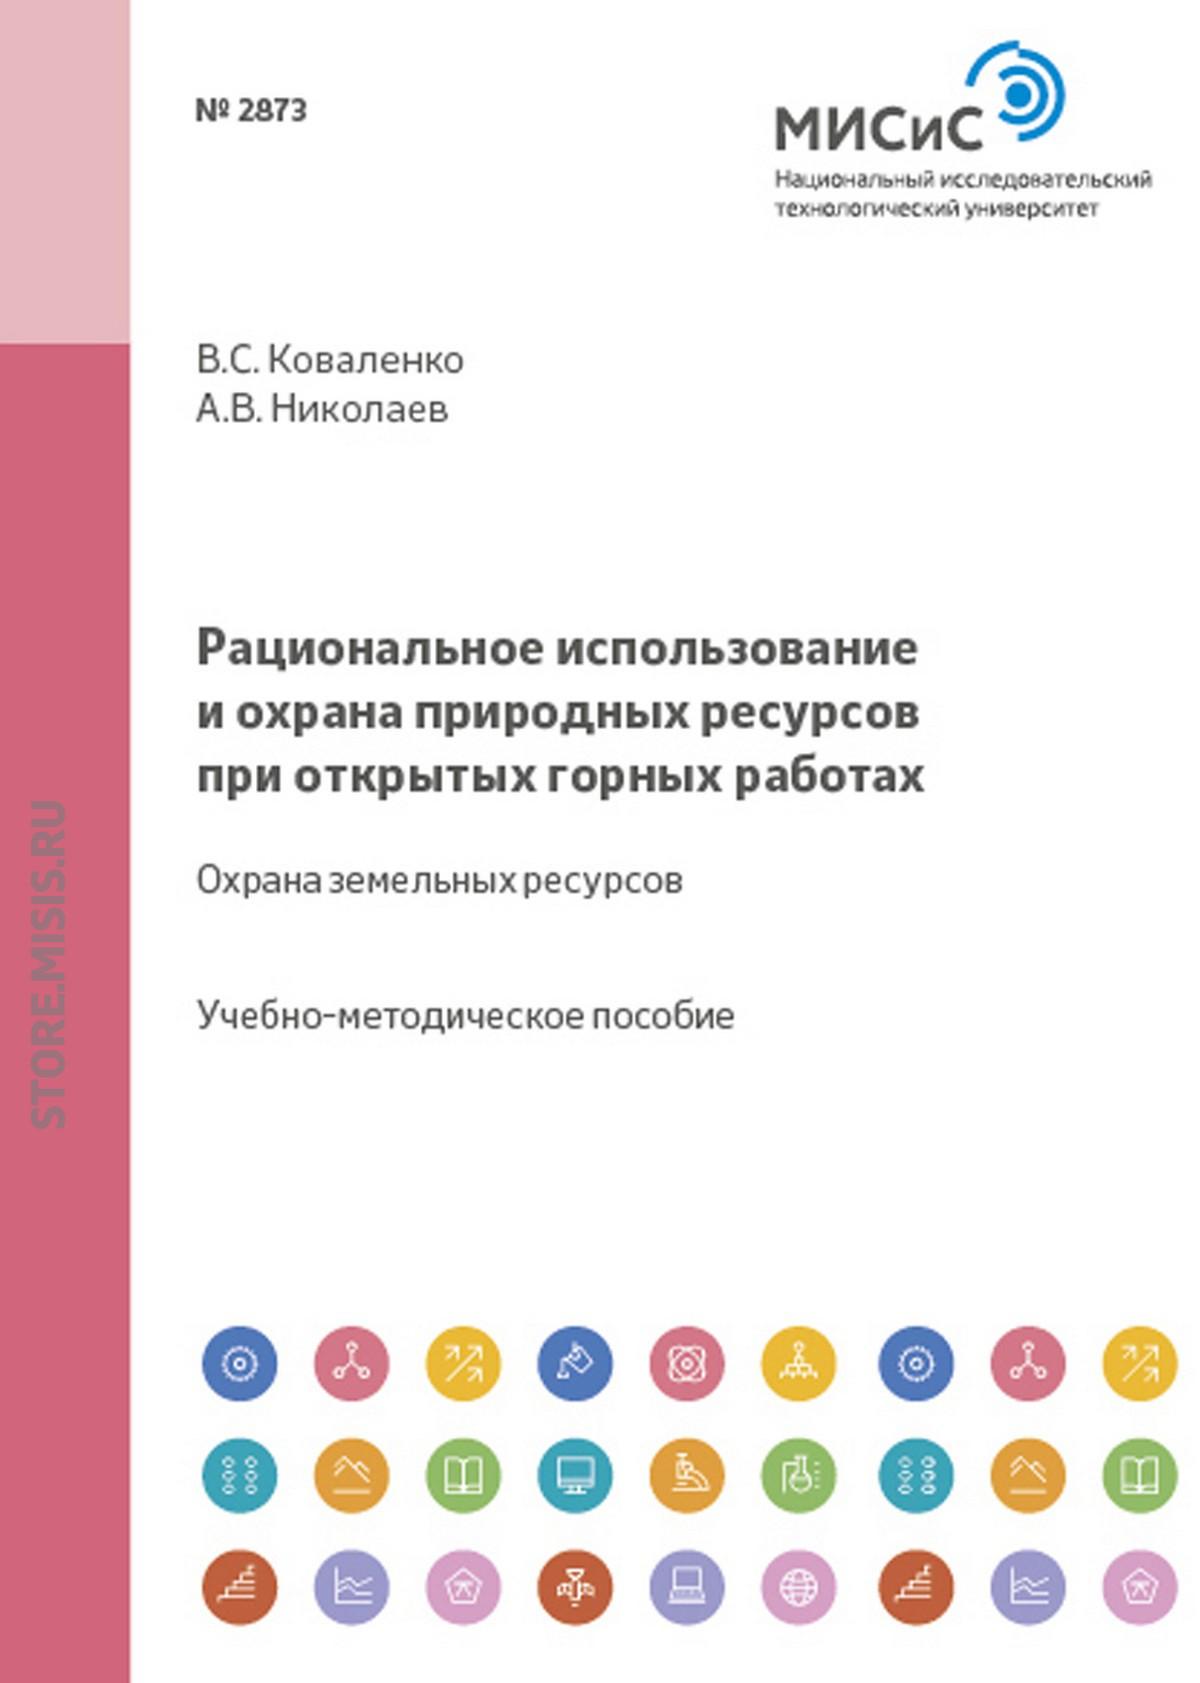 Андрей Николаев Рациональное использование и охрана природных ресурсов при открытых горных работах